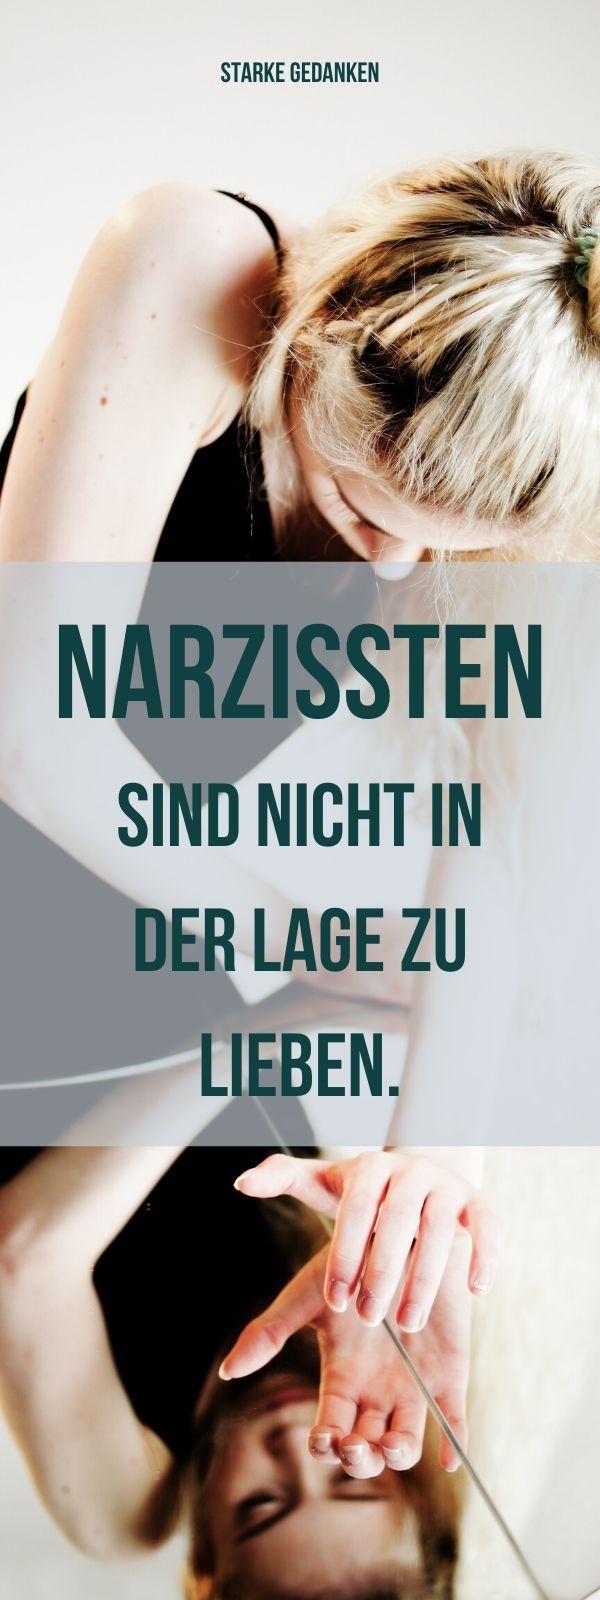 9 Fakten Die Beweisen Dass Narzissten Niemanden Lieben Konnen Ausser Sich Selbst Narzisst Starke Gedanken Narzissmus Symptome